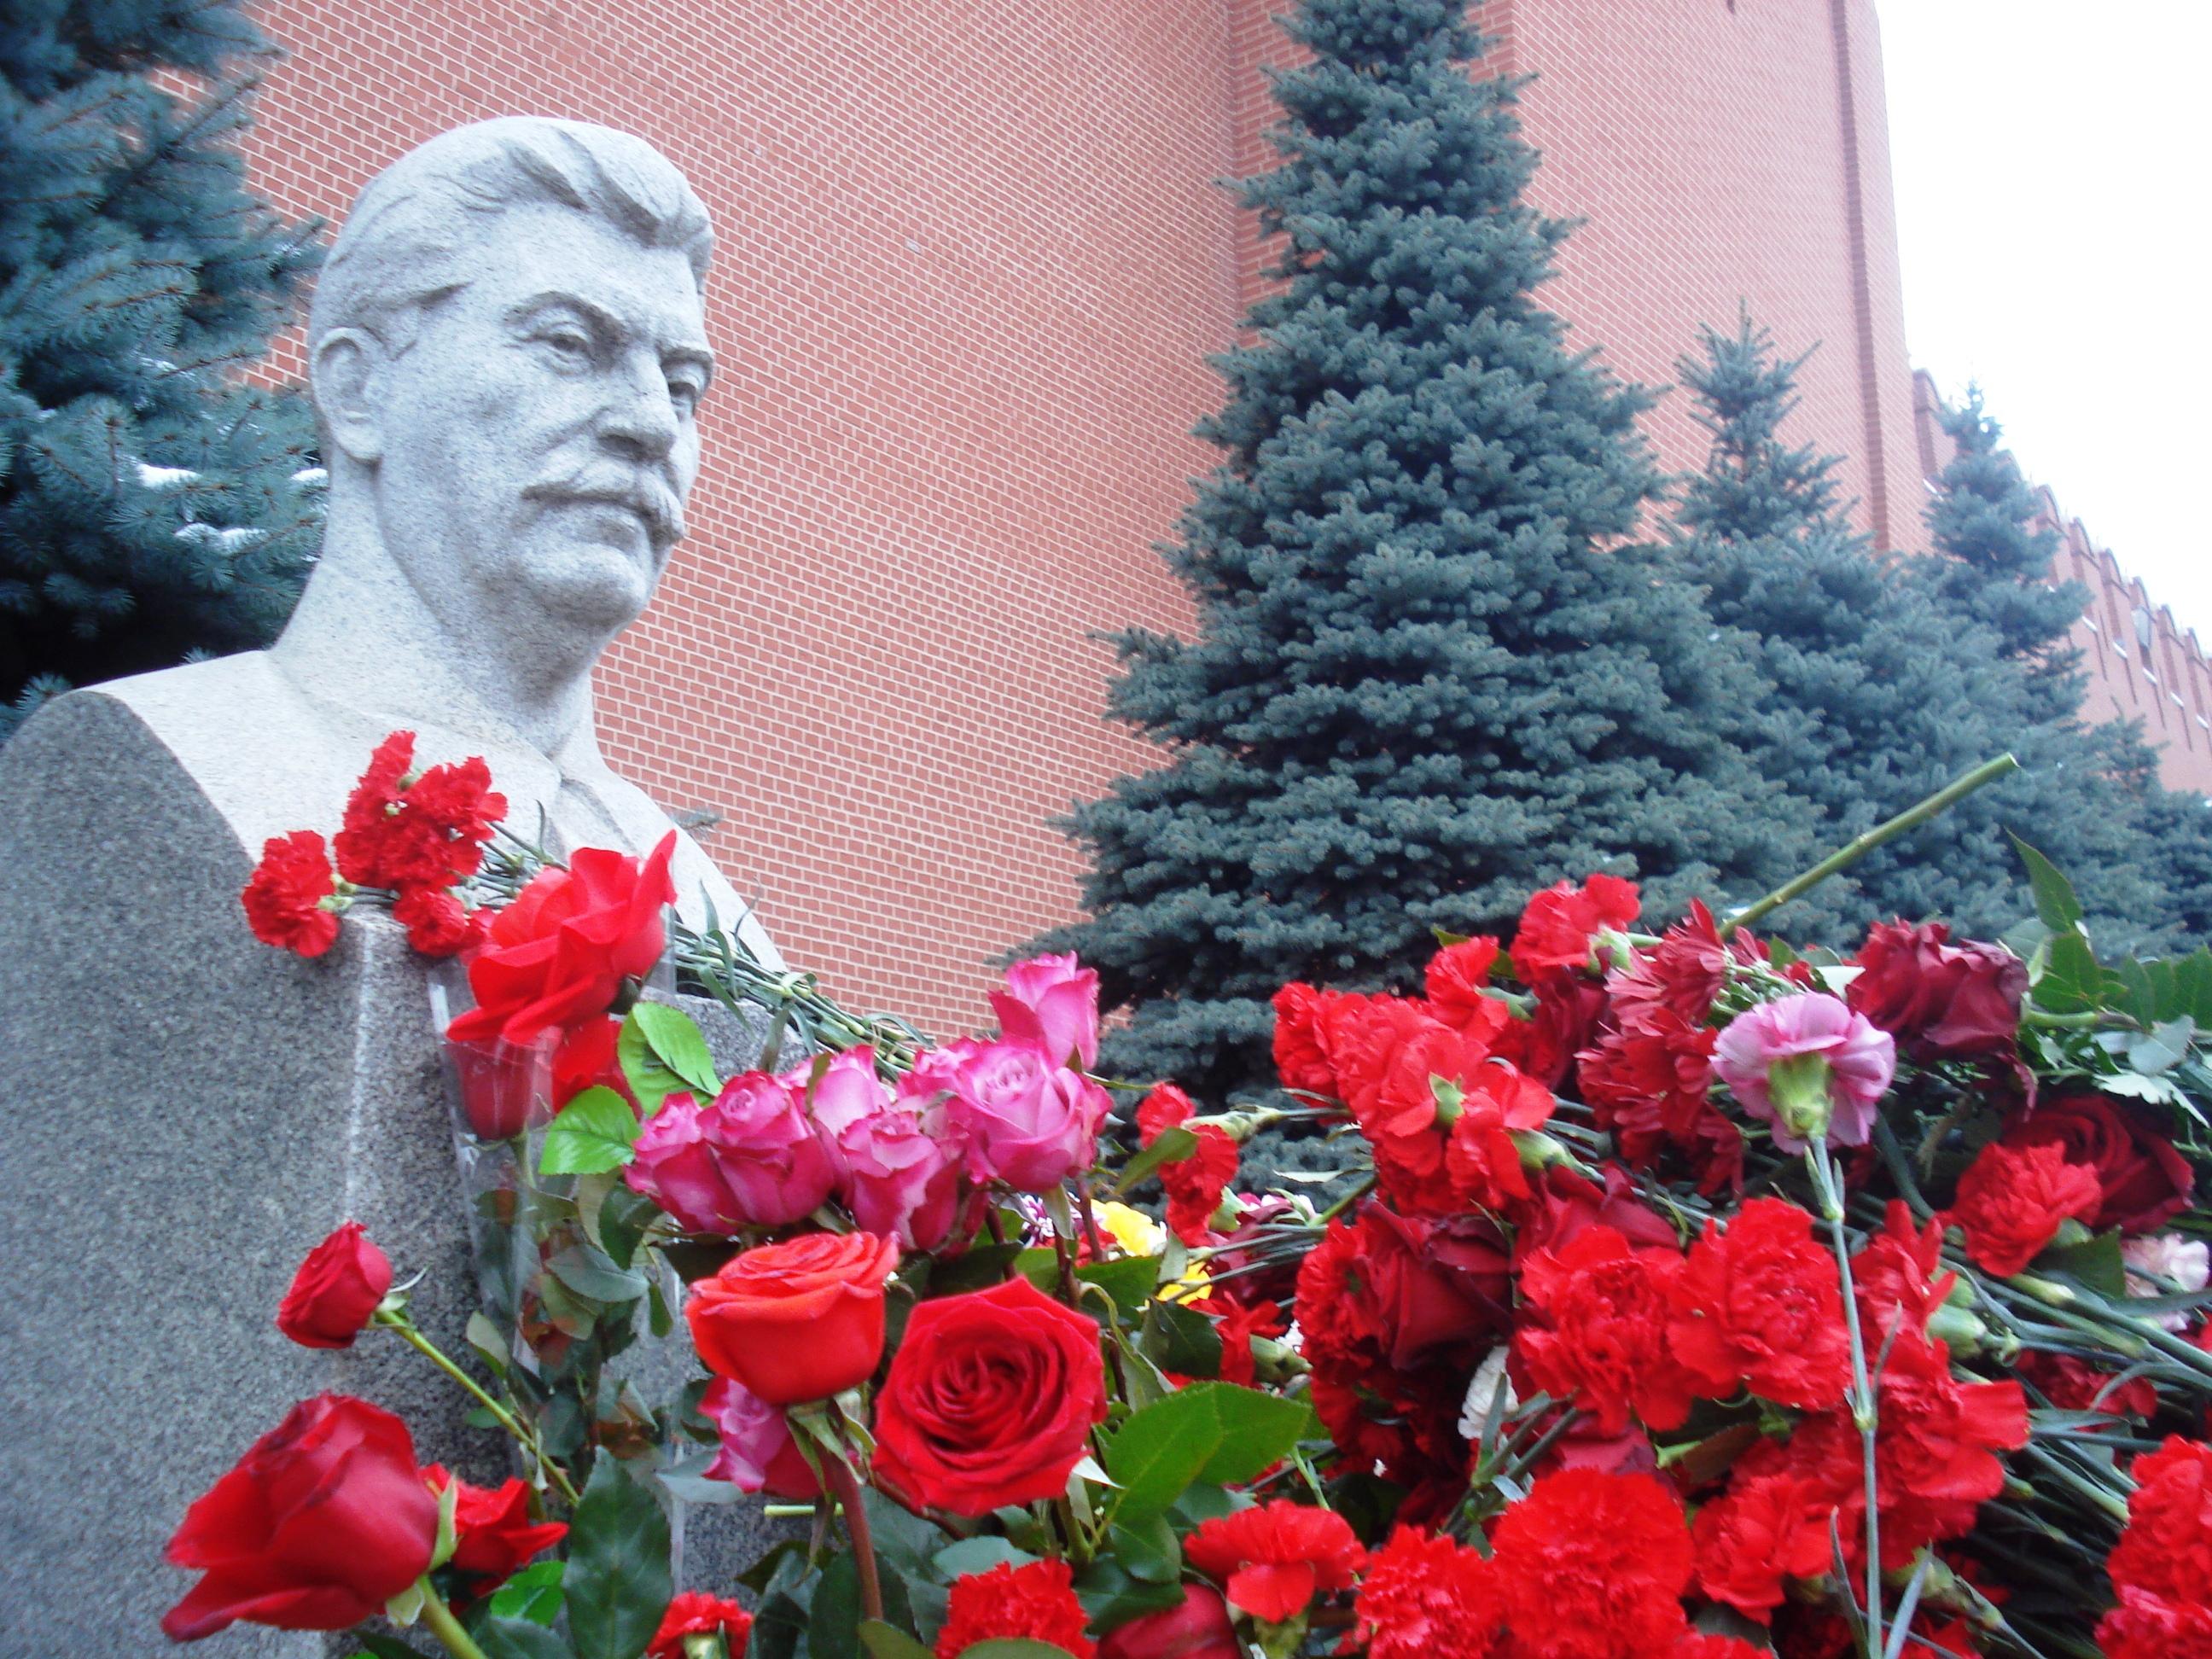 21 декабря 2017 года РОО «Бородино 2045»  на Красной площади провело возложение цветов к могиле великого Вождя народов дорогого товарища Иосифа Виссарионовича Сталина!